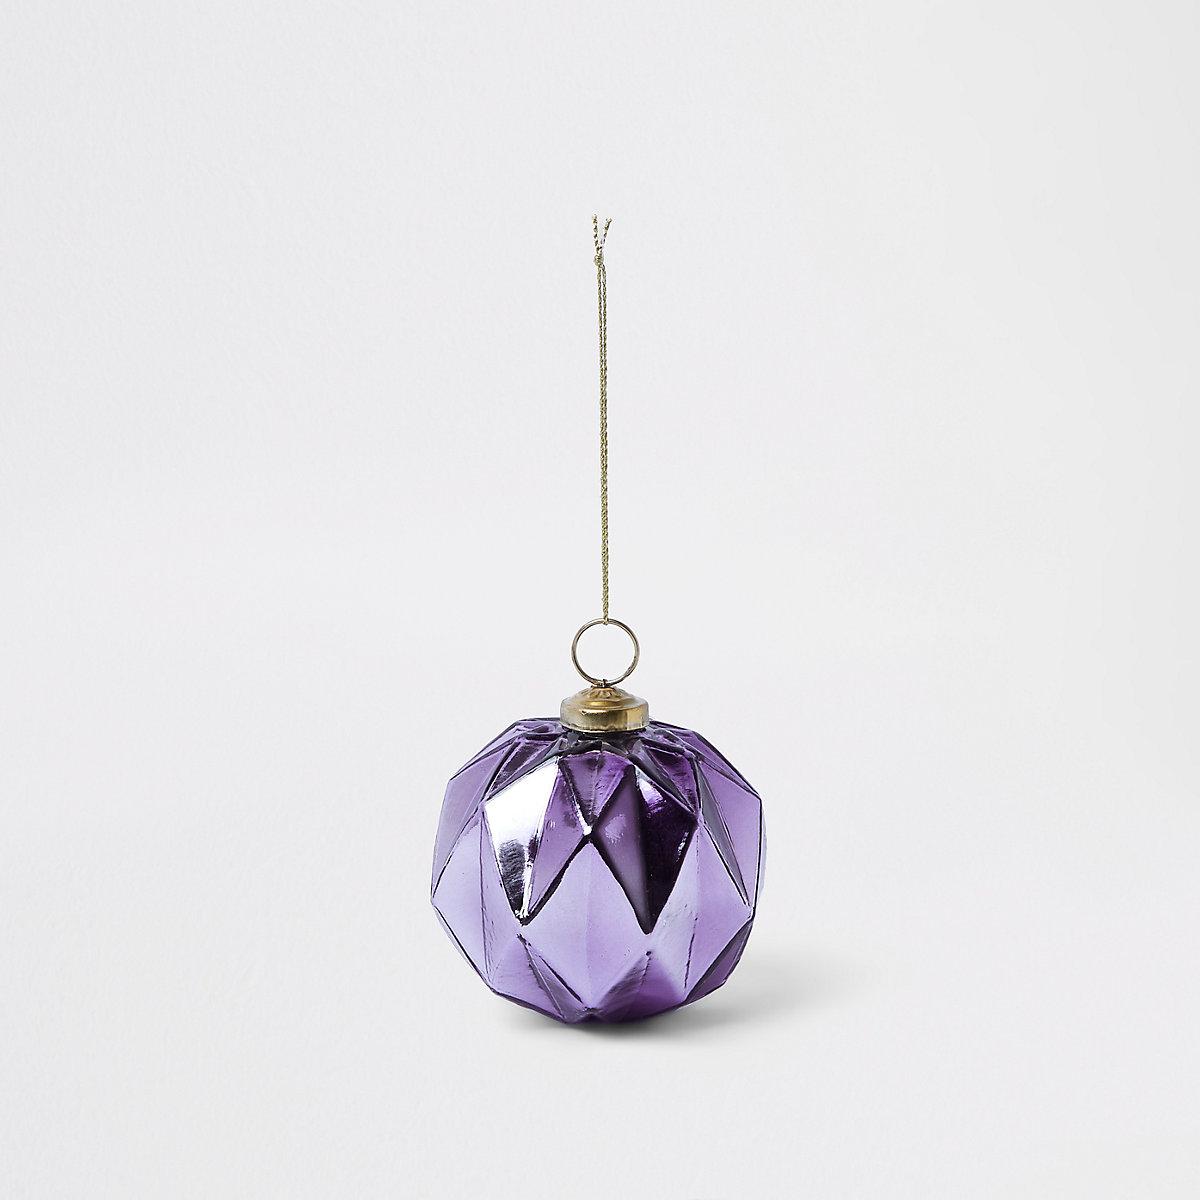 Purple hexagonal bauble